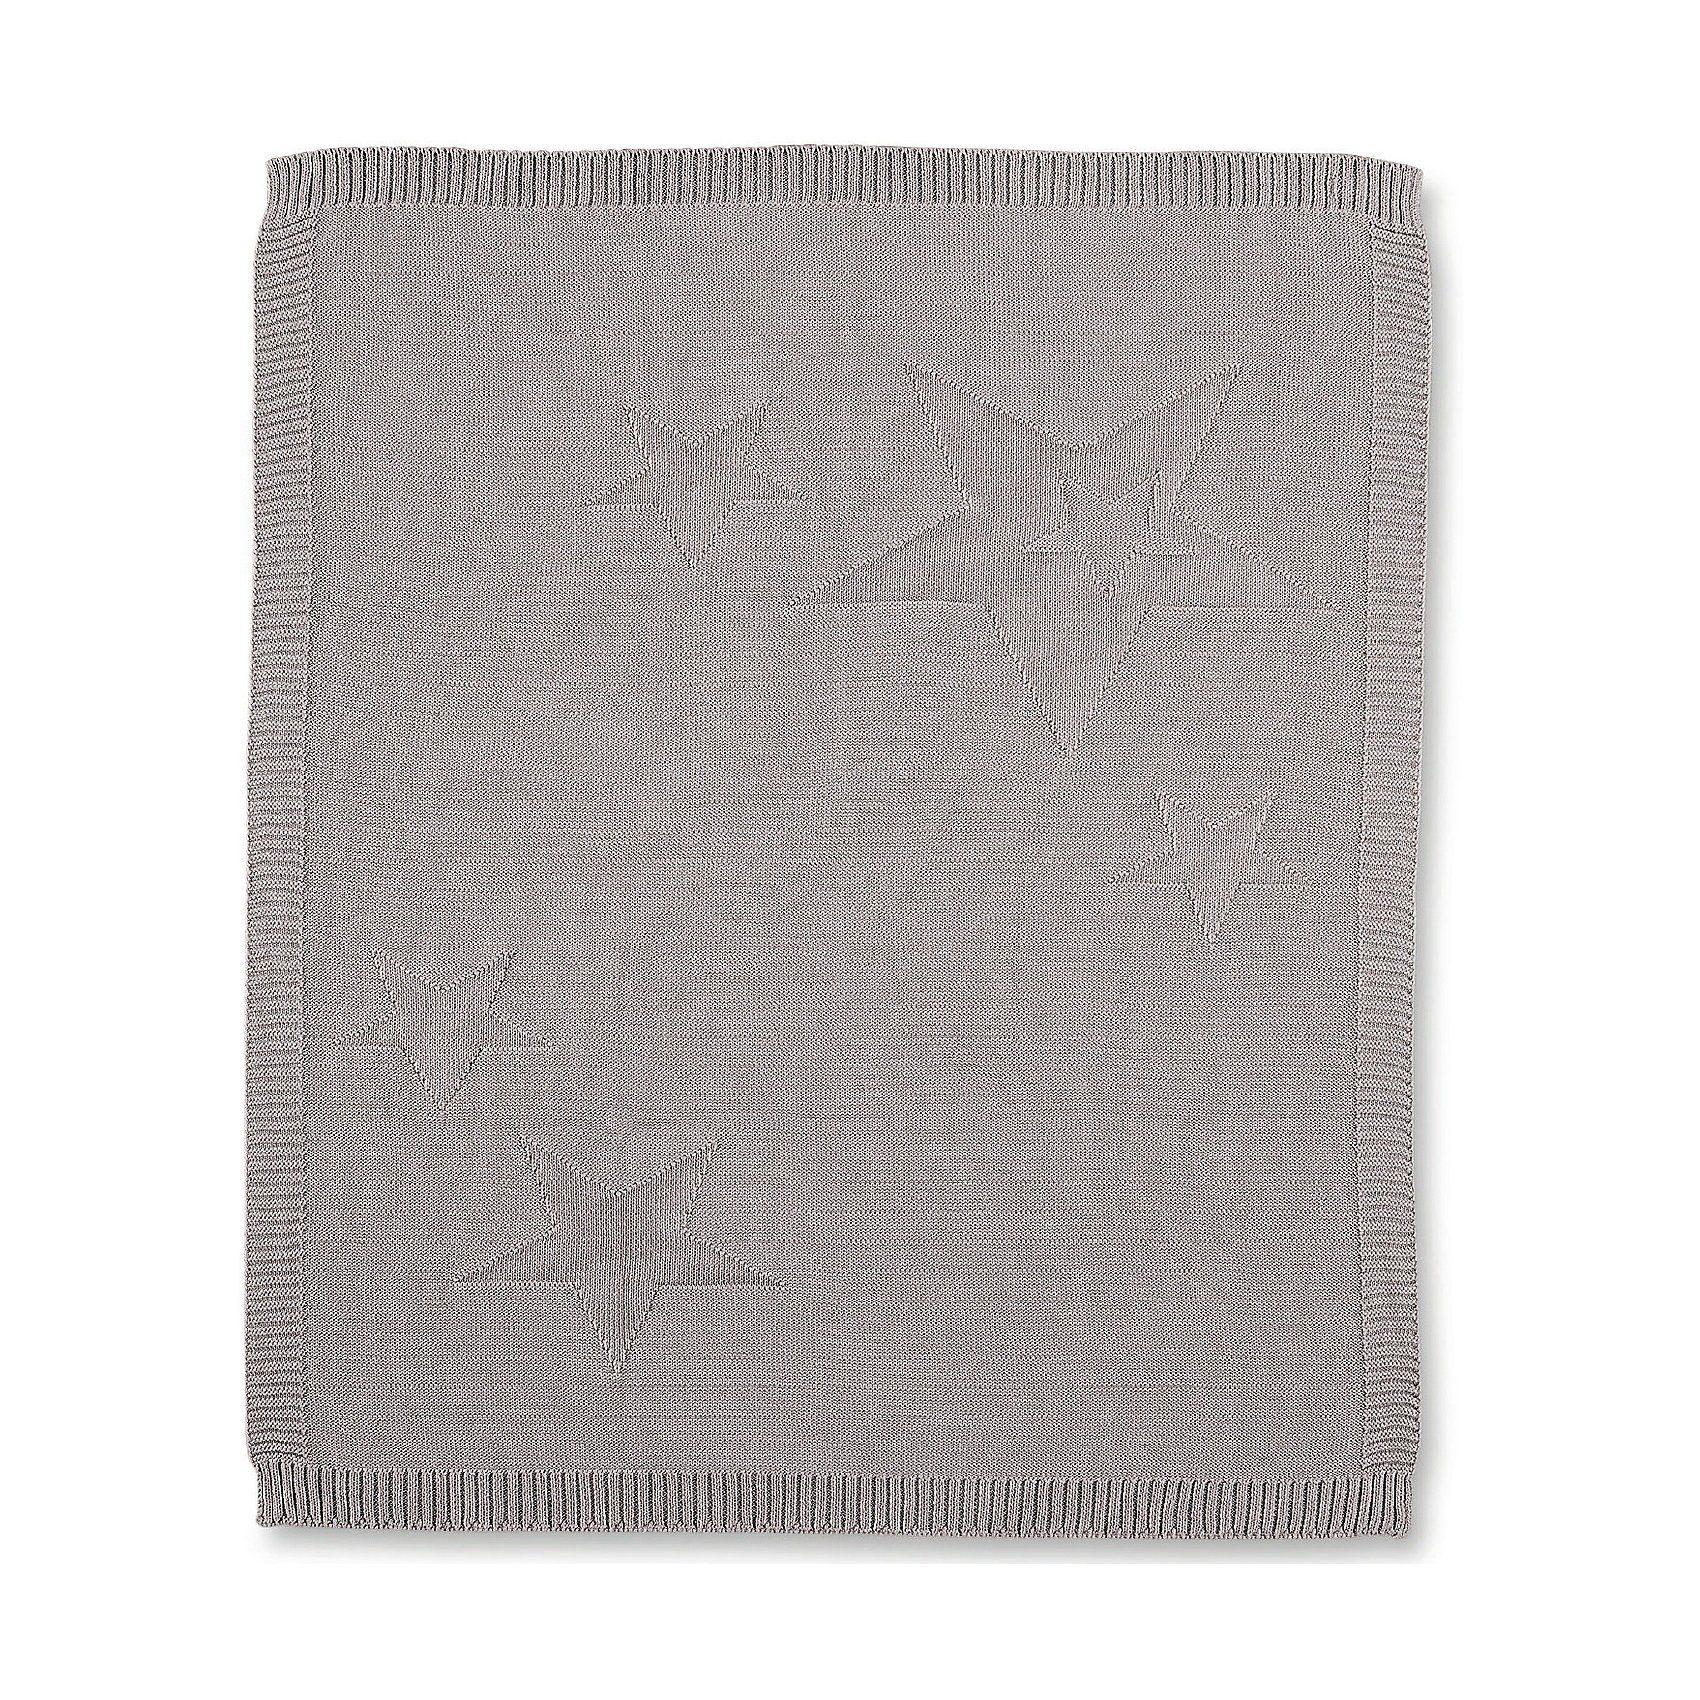 Sterntaler® Kuscheldecke aus Strick Baylee, grau, 75 x 90 cm